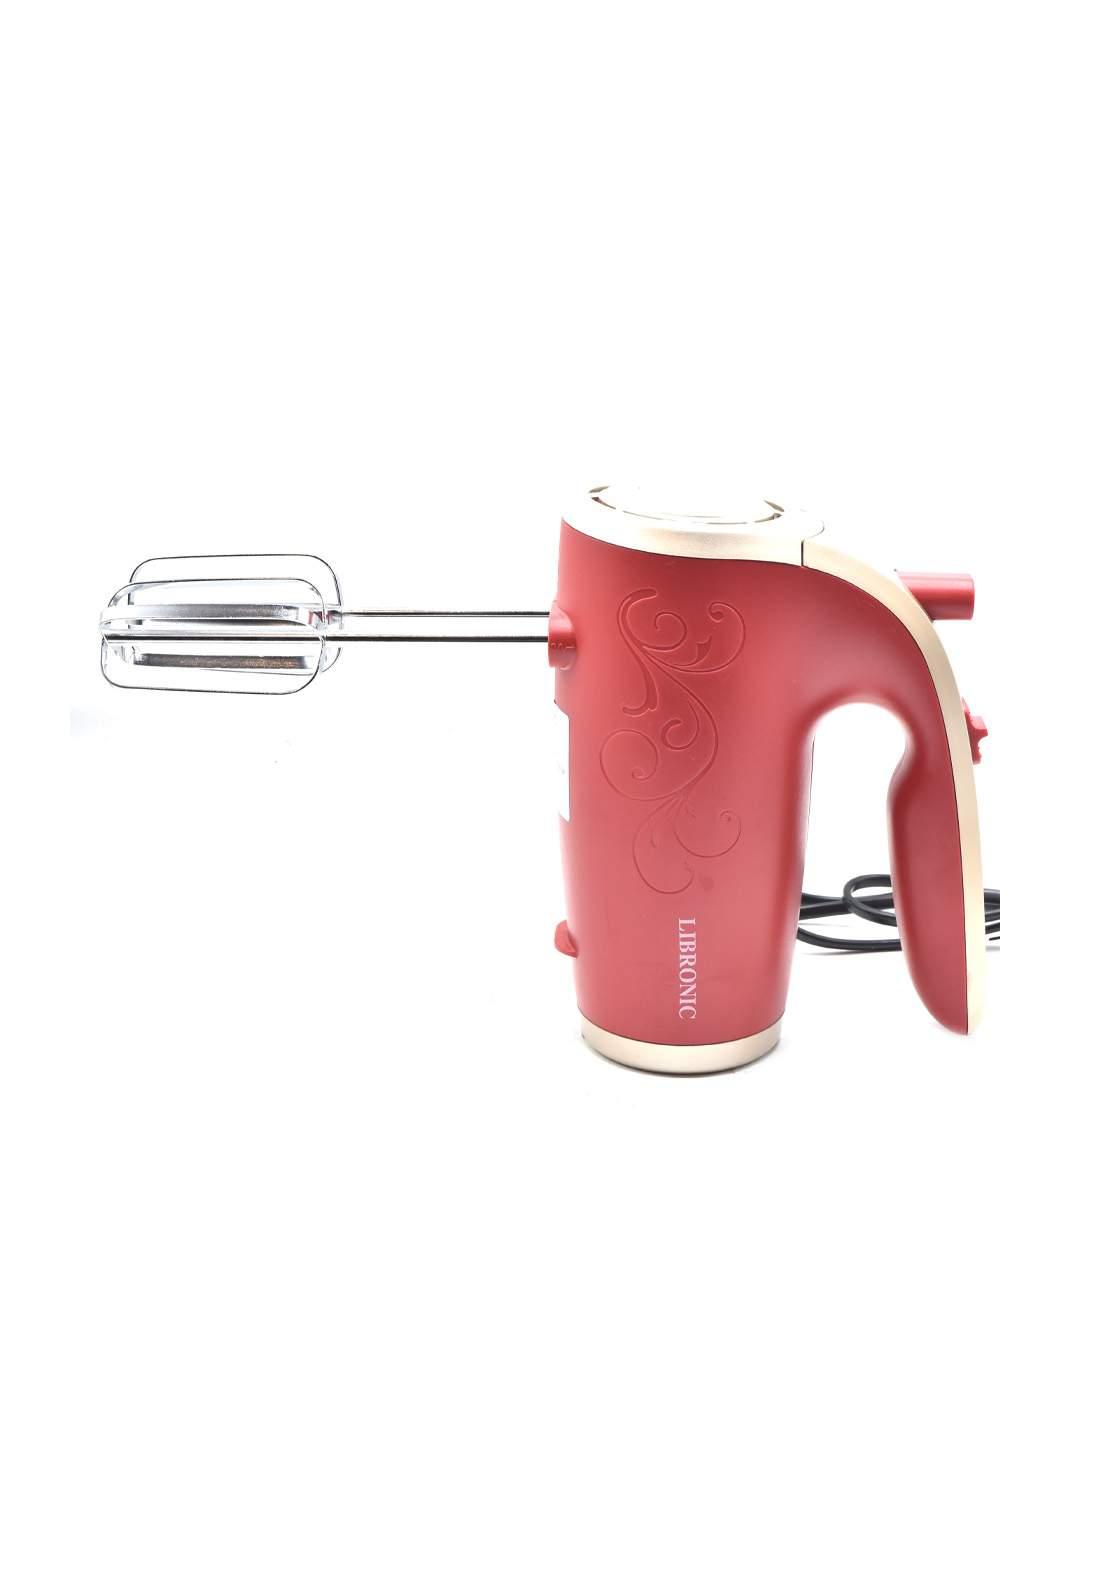 Libronic HR-1004 Hand Mixer خفاق يدوي